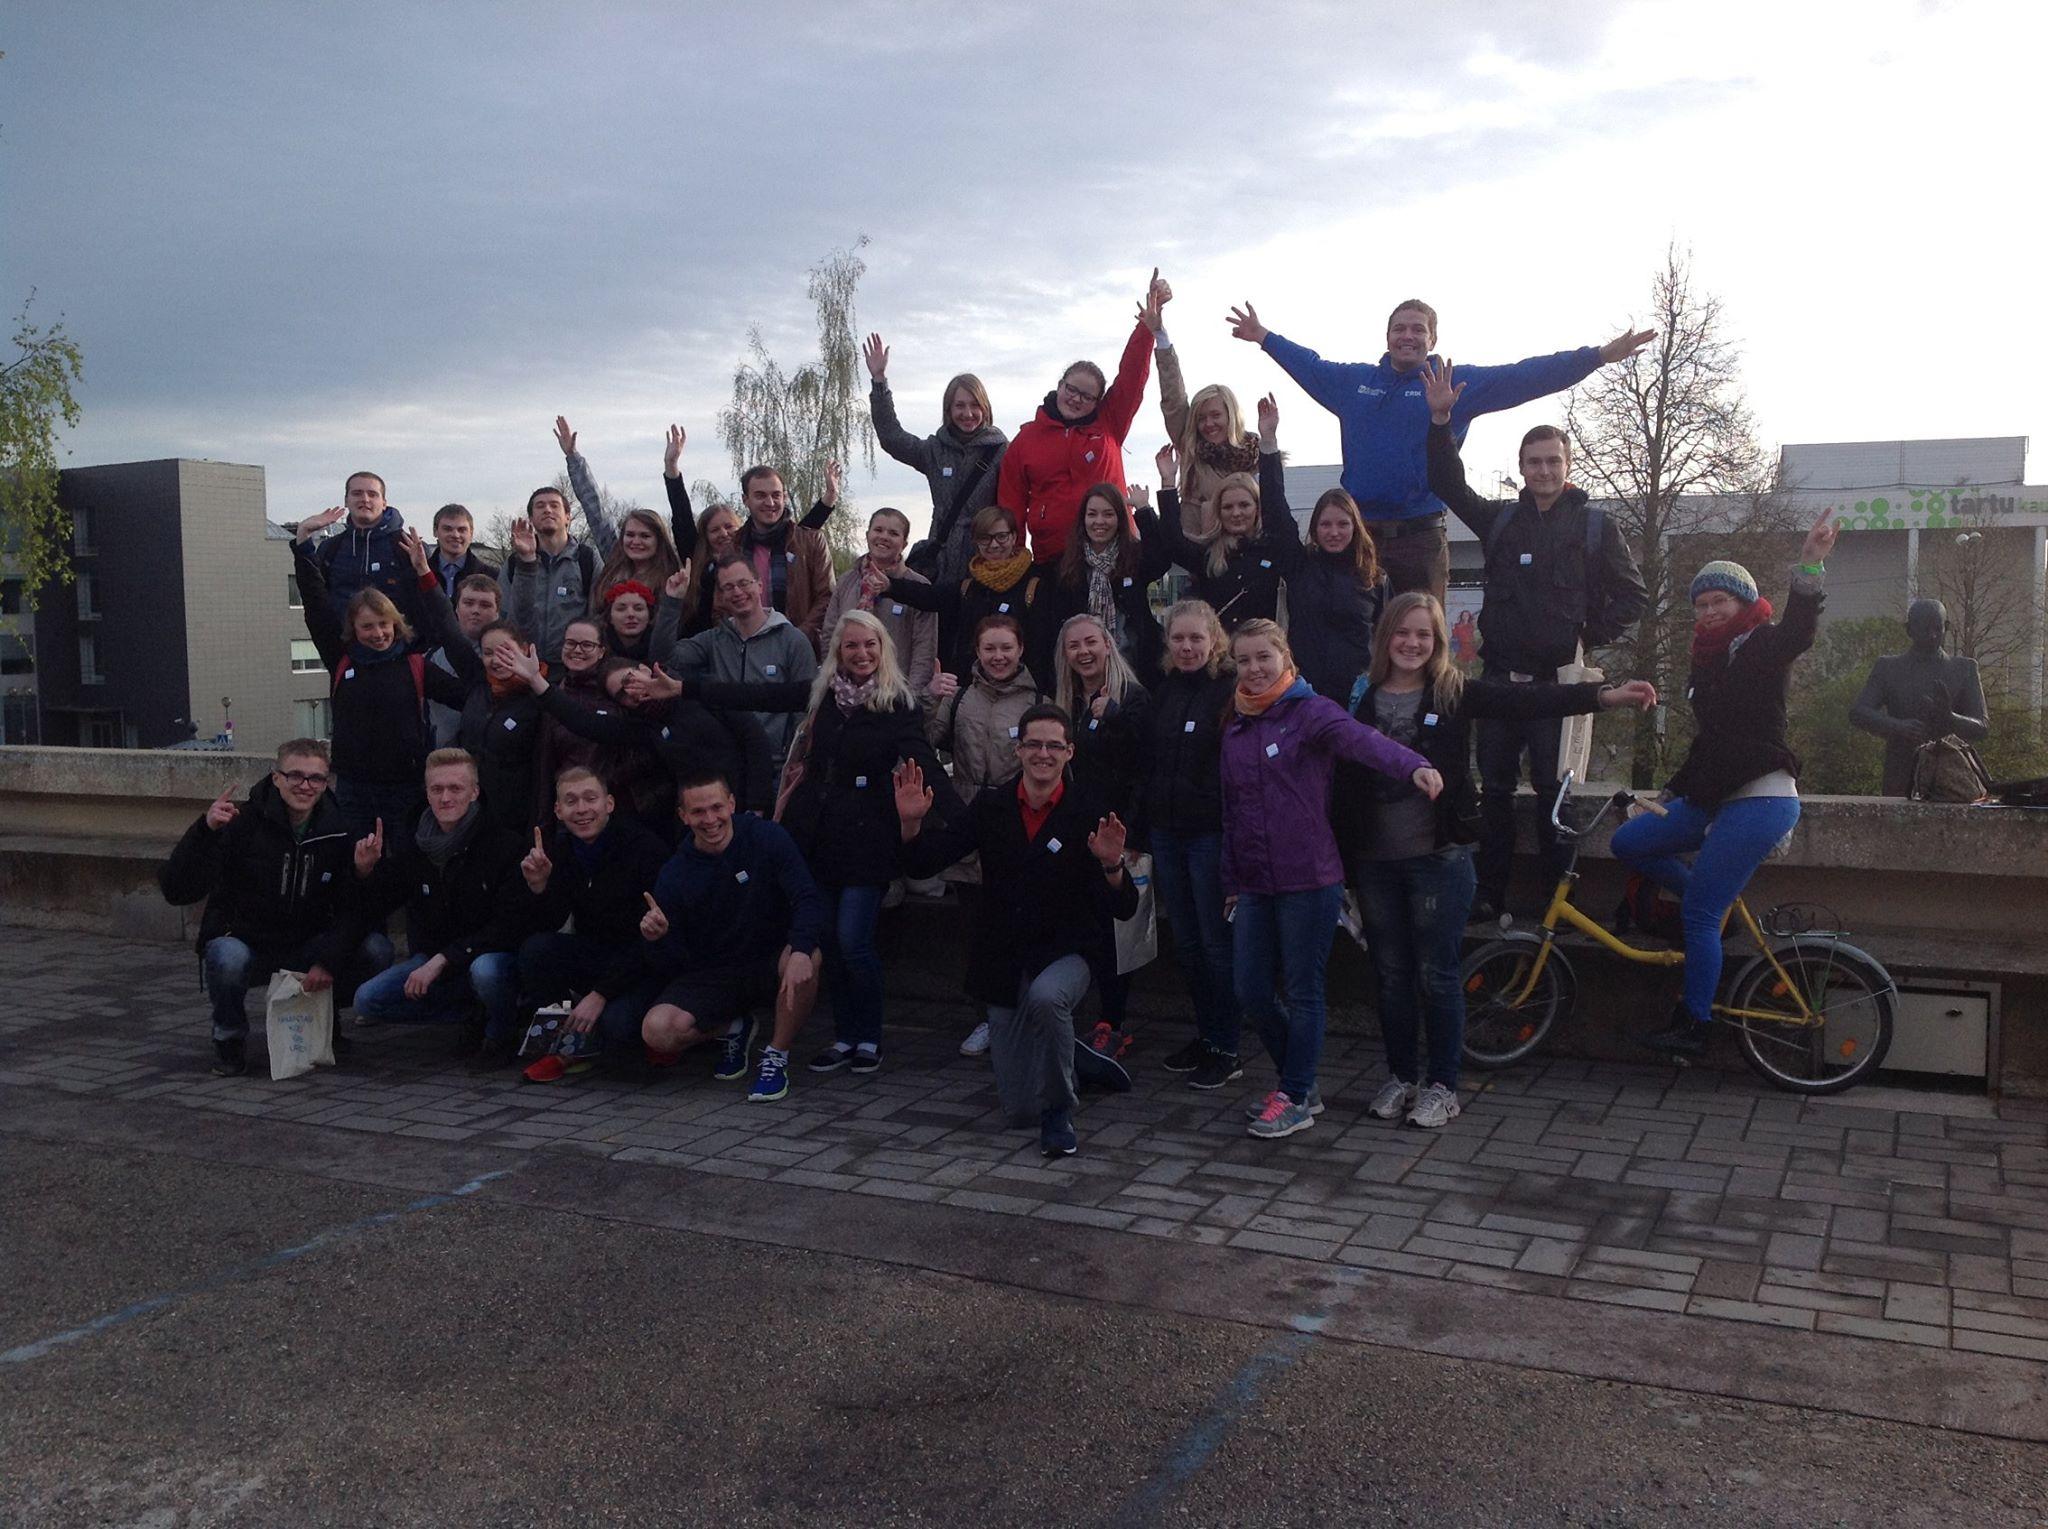 SOS LASTEKÜLA! Tudengid kogusid ukselt uksele koputades SOS Lastekülale 40 000 eurot